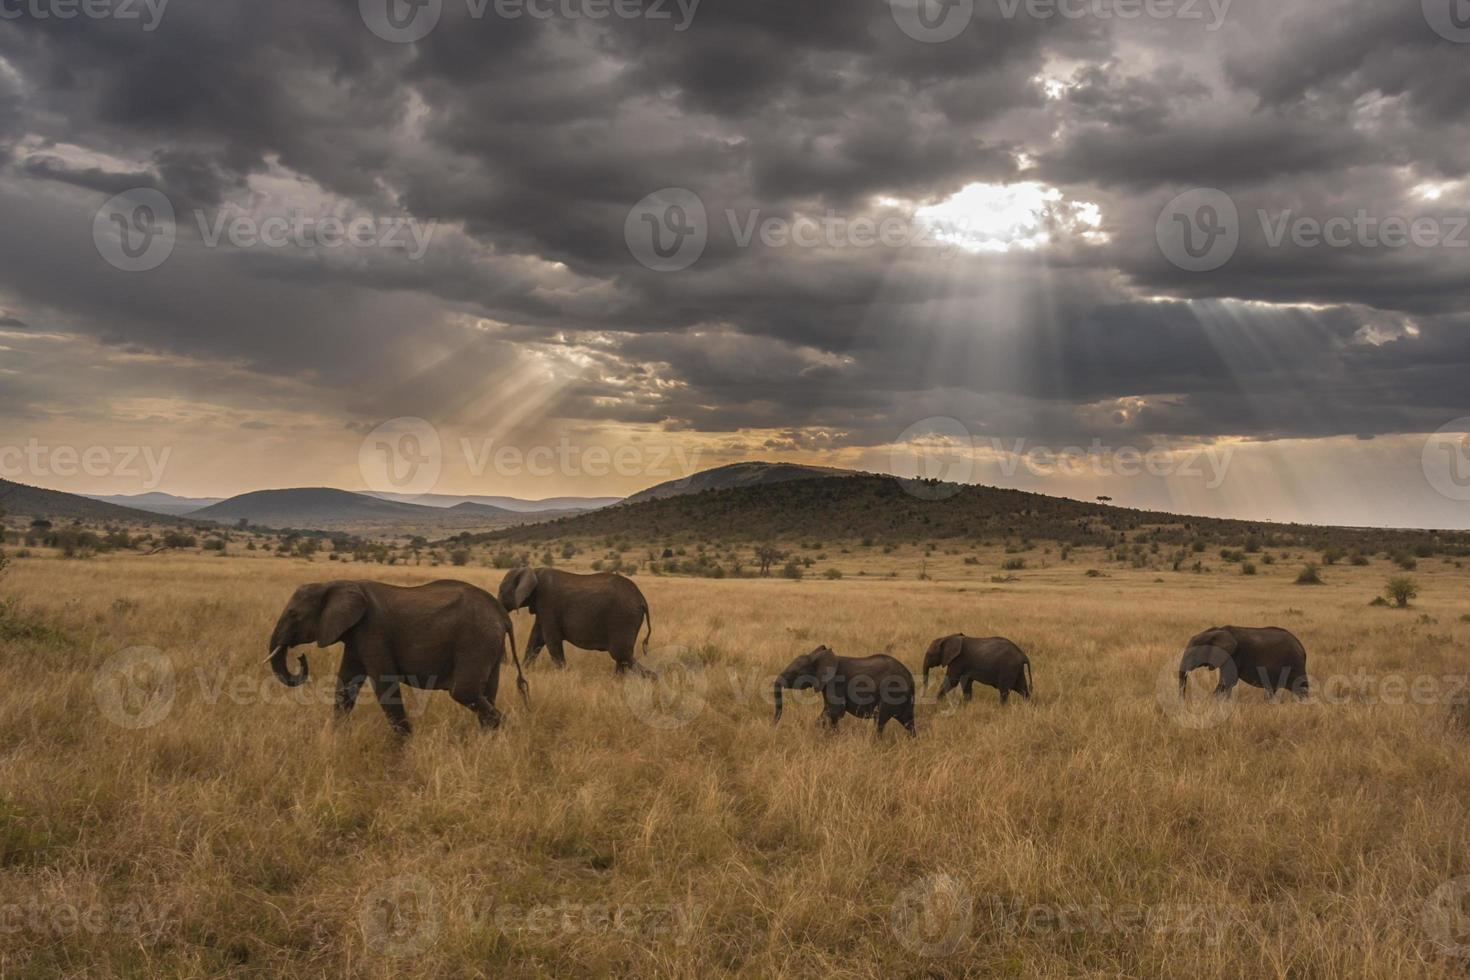 familia de elefantes marchando por la sabana foto